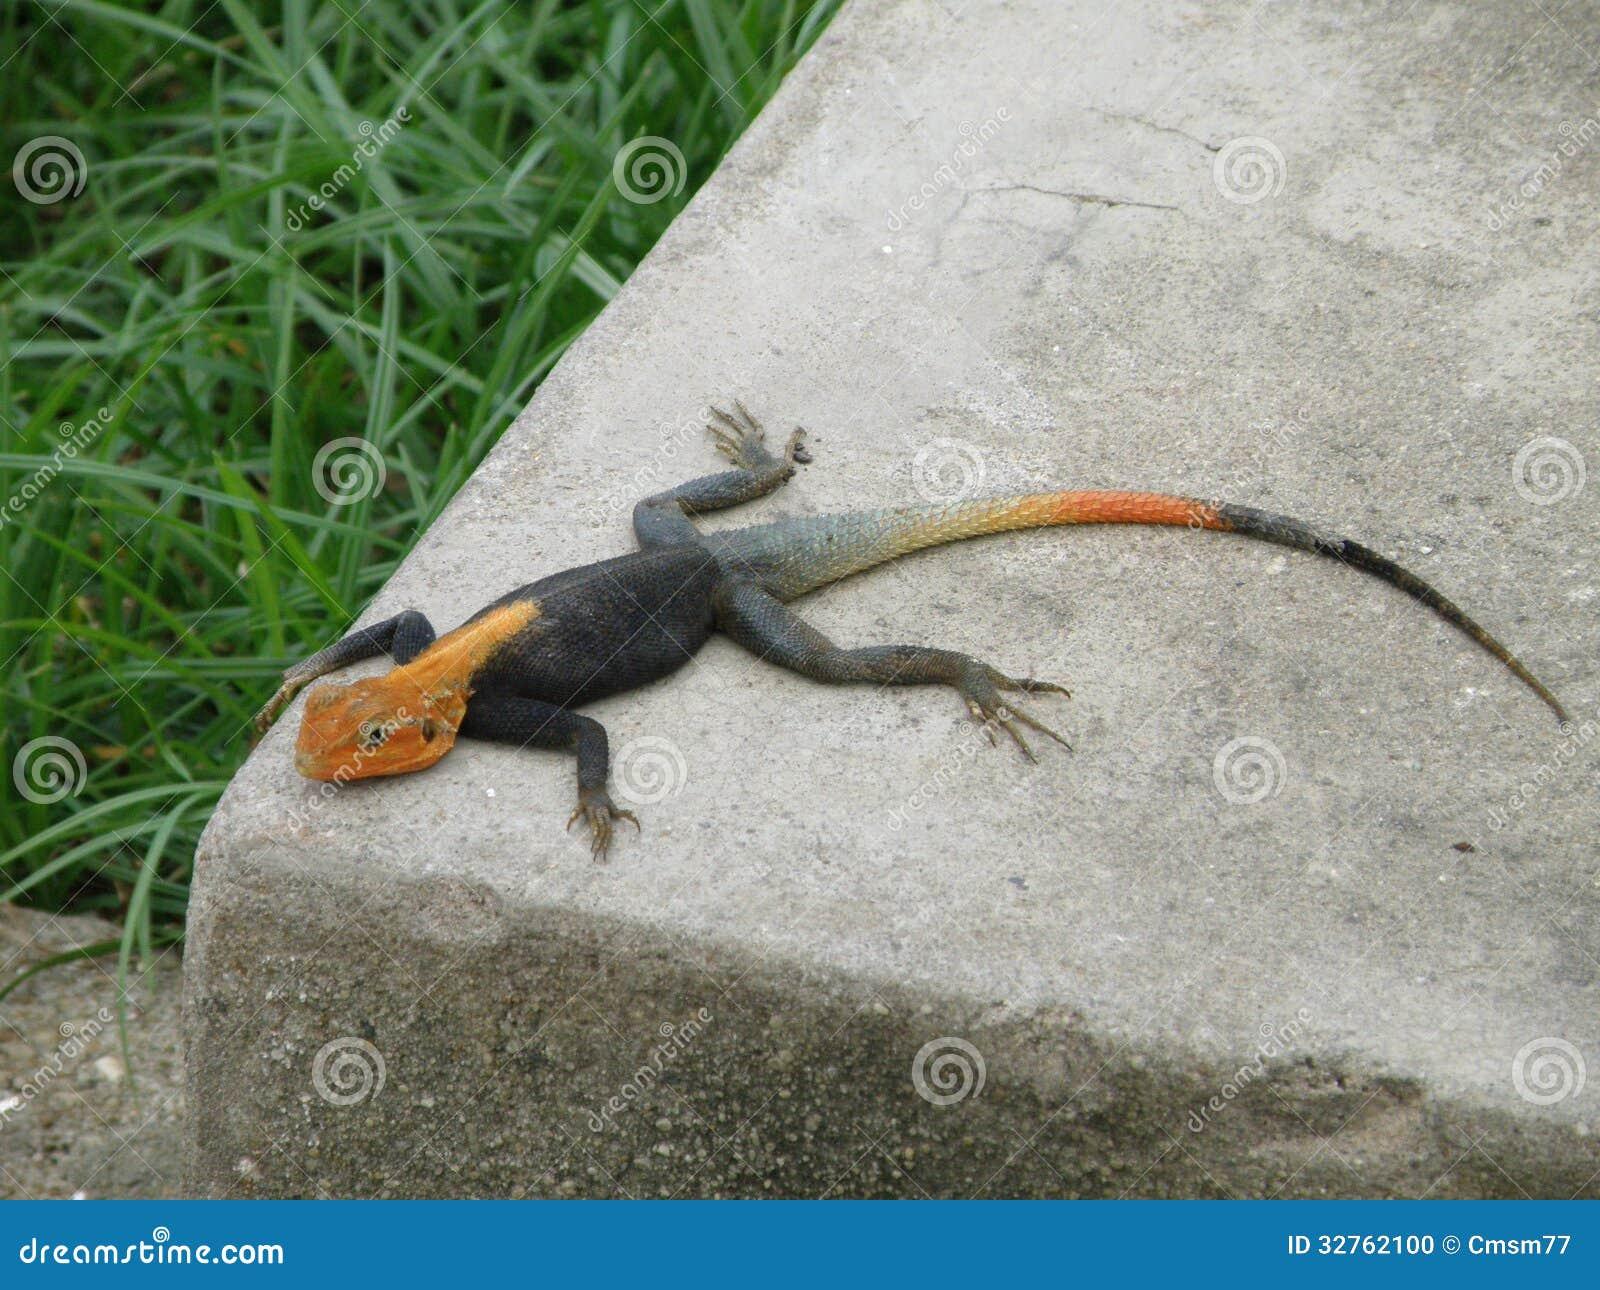 Lizard Taking Sun Bath Stock Photo Image 32762100